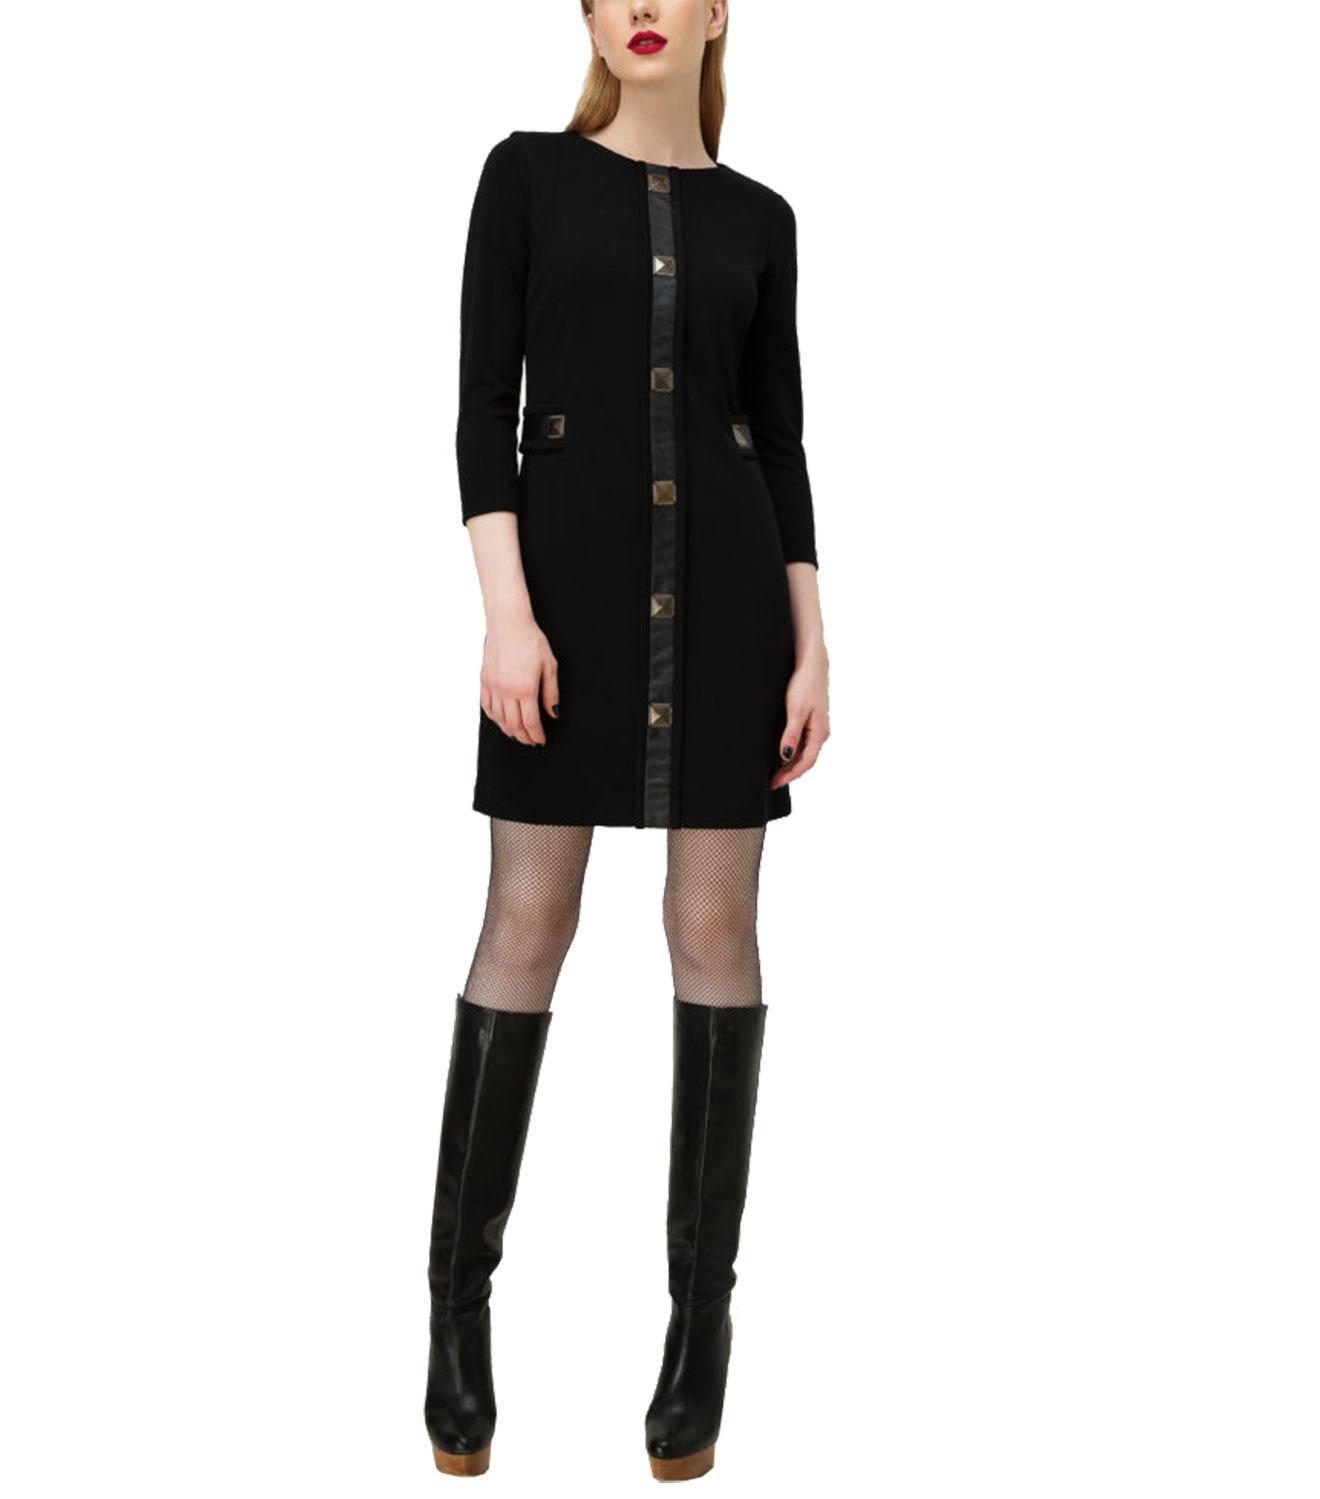 Μαύρο νεανικό φόρεμα